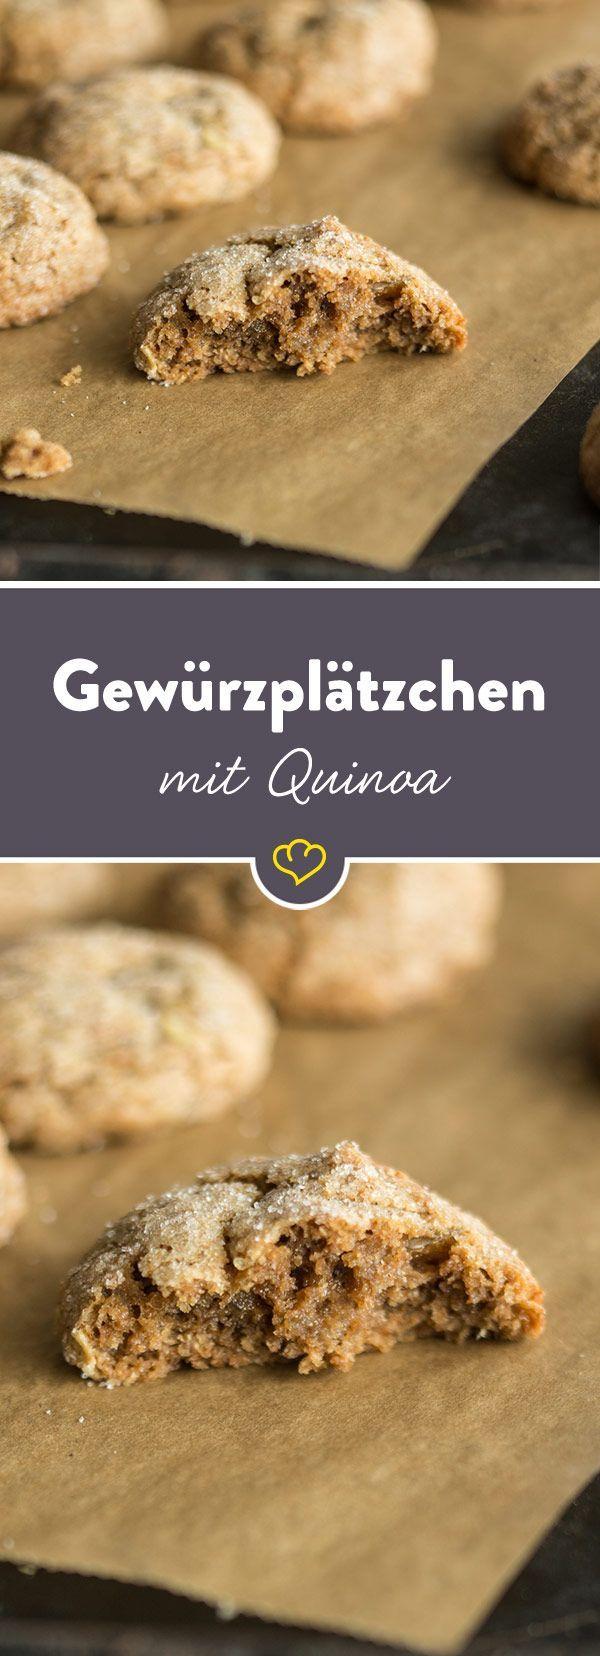 Da diese köstlichen Gewürzplätzchen mit Quinoa-Mehl zubereitet werden, dürfen auch Naschkatzen mit Glutenunverträglichkeit beherzt zugreifen.